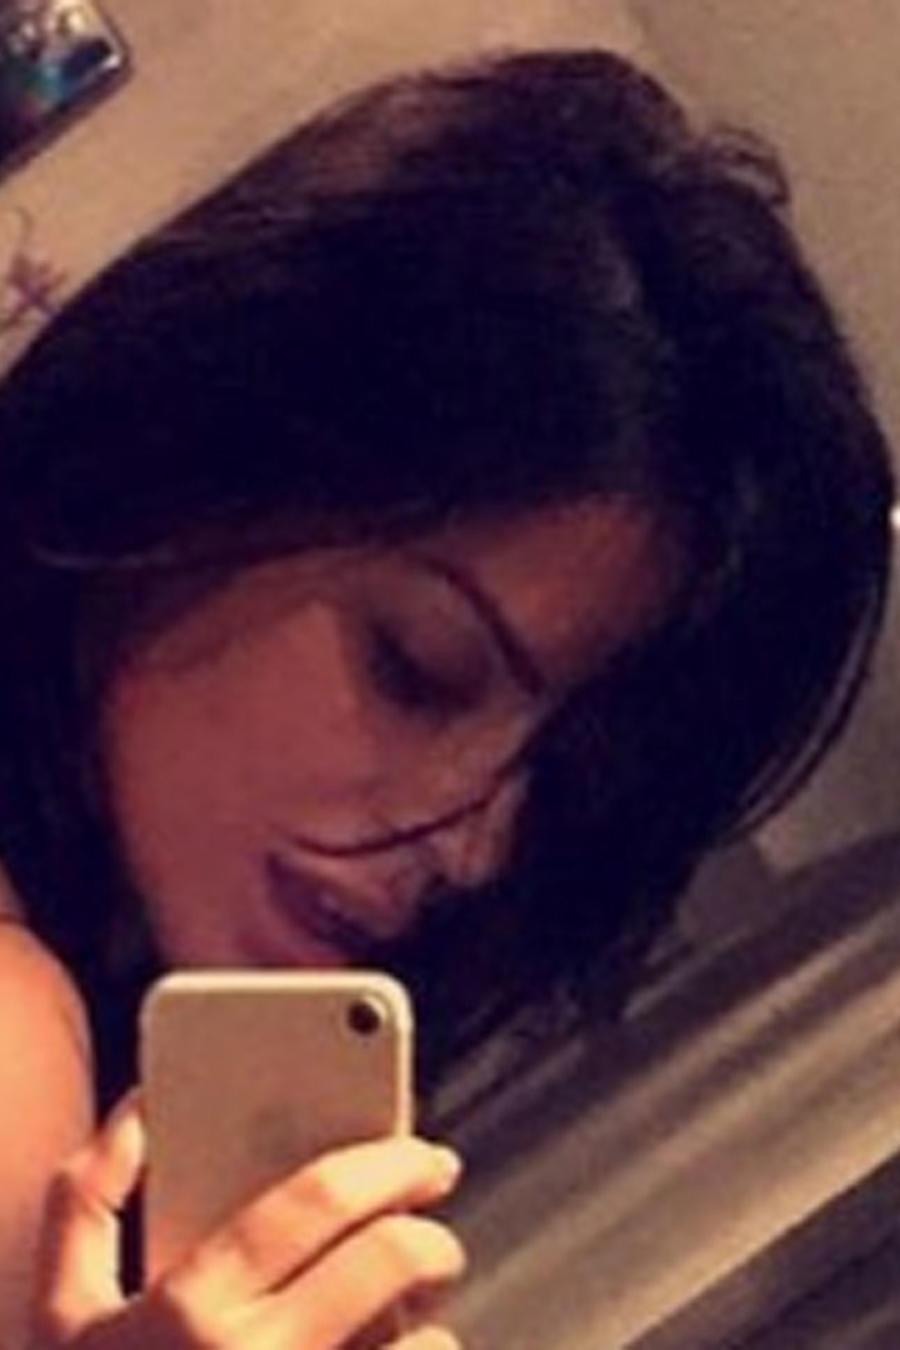 Suzy Cortez tomándose selfie